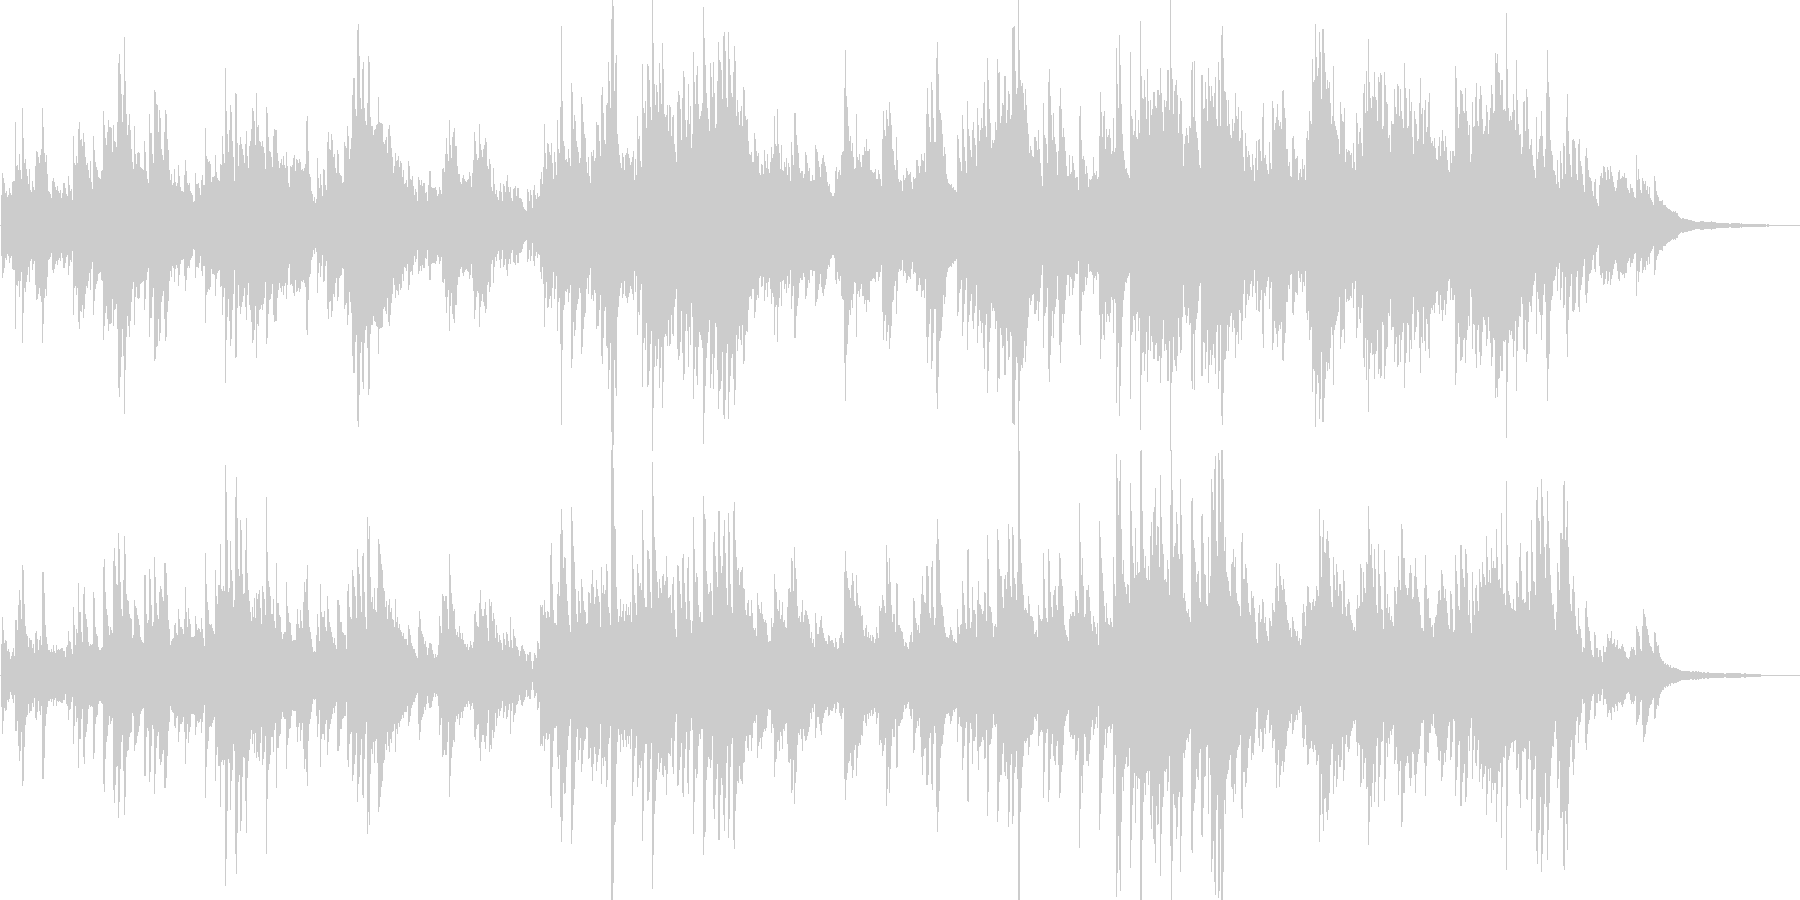 クラシック風 穏やかで優しいピアノ曲の未再生の波形